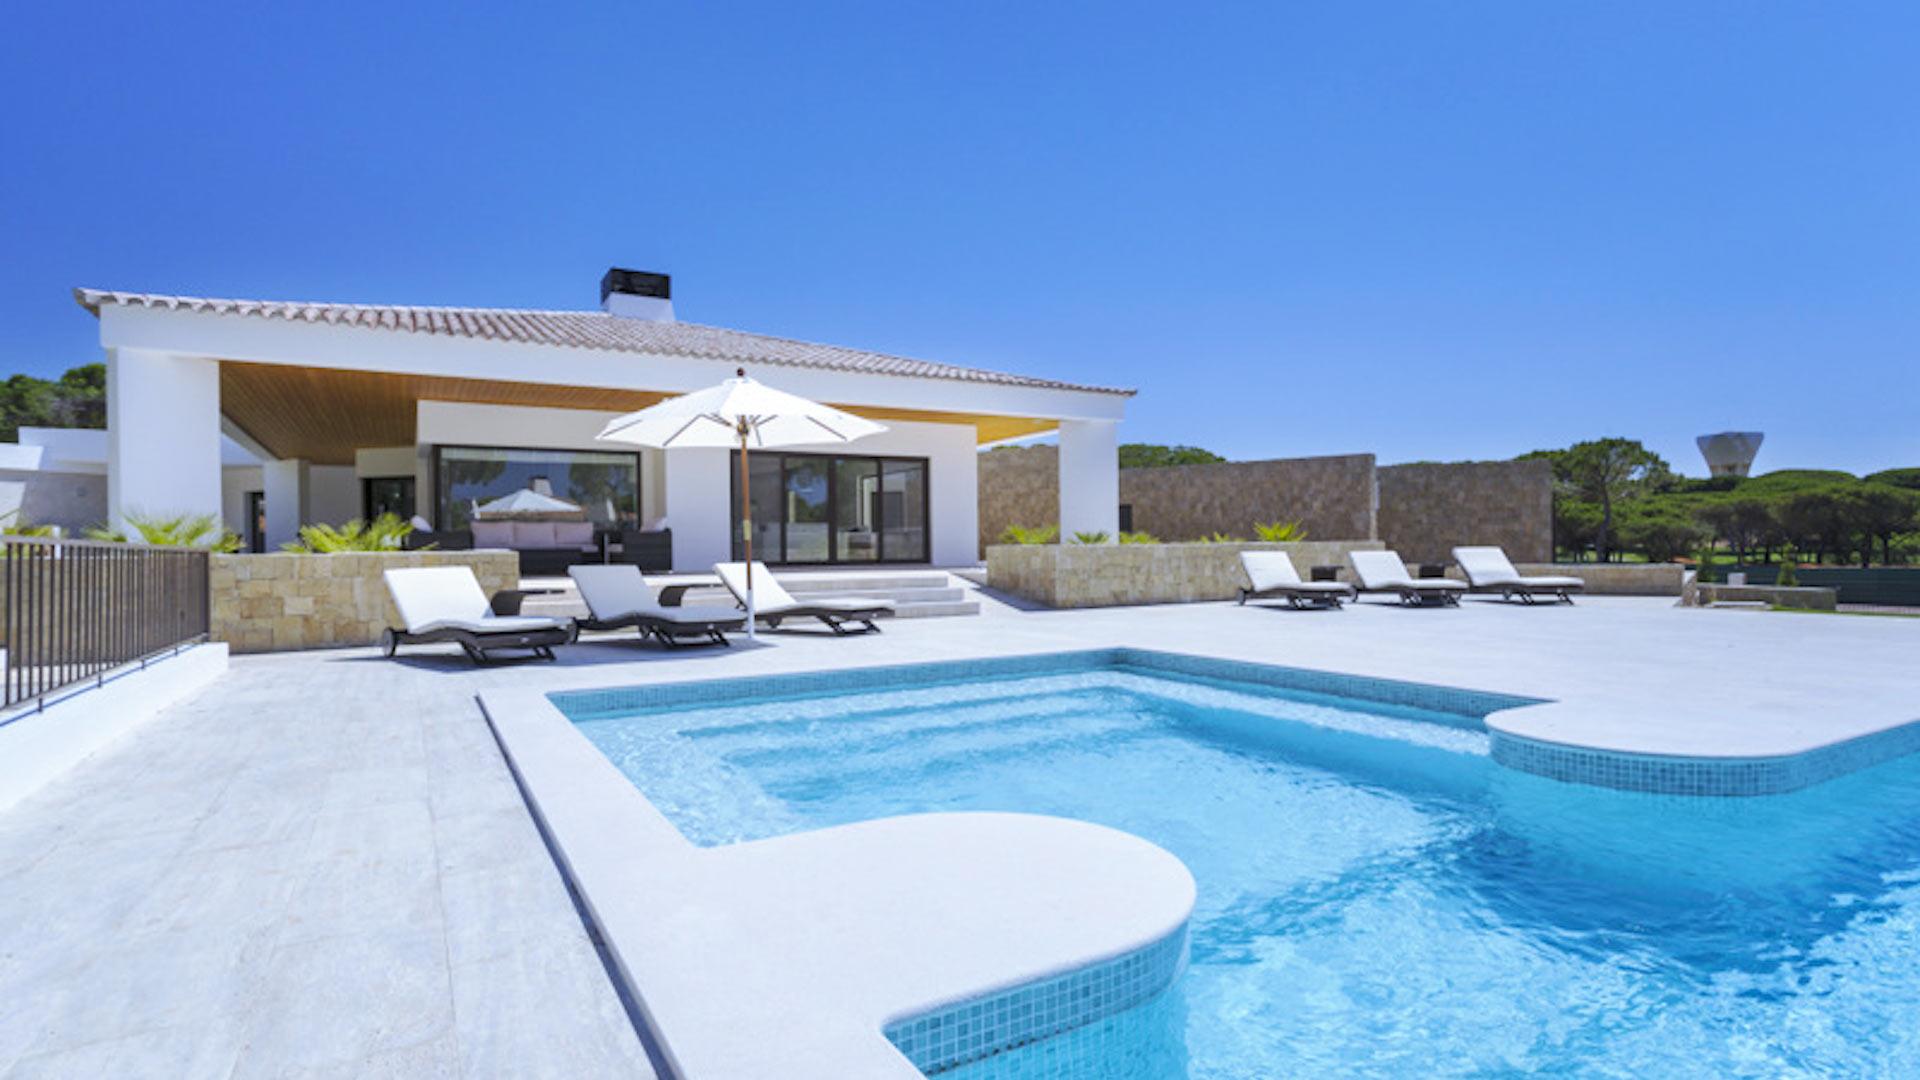 Location Villa De Luxe Vilamoura Algarve Portugal: Le Top pour Location Maison Portugal Avec Piscine